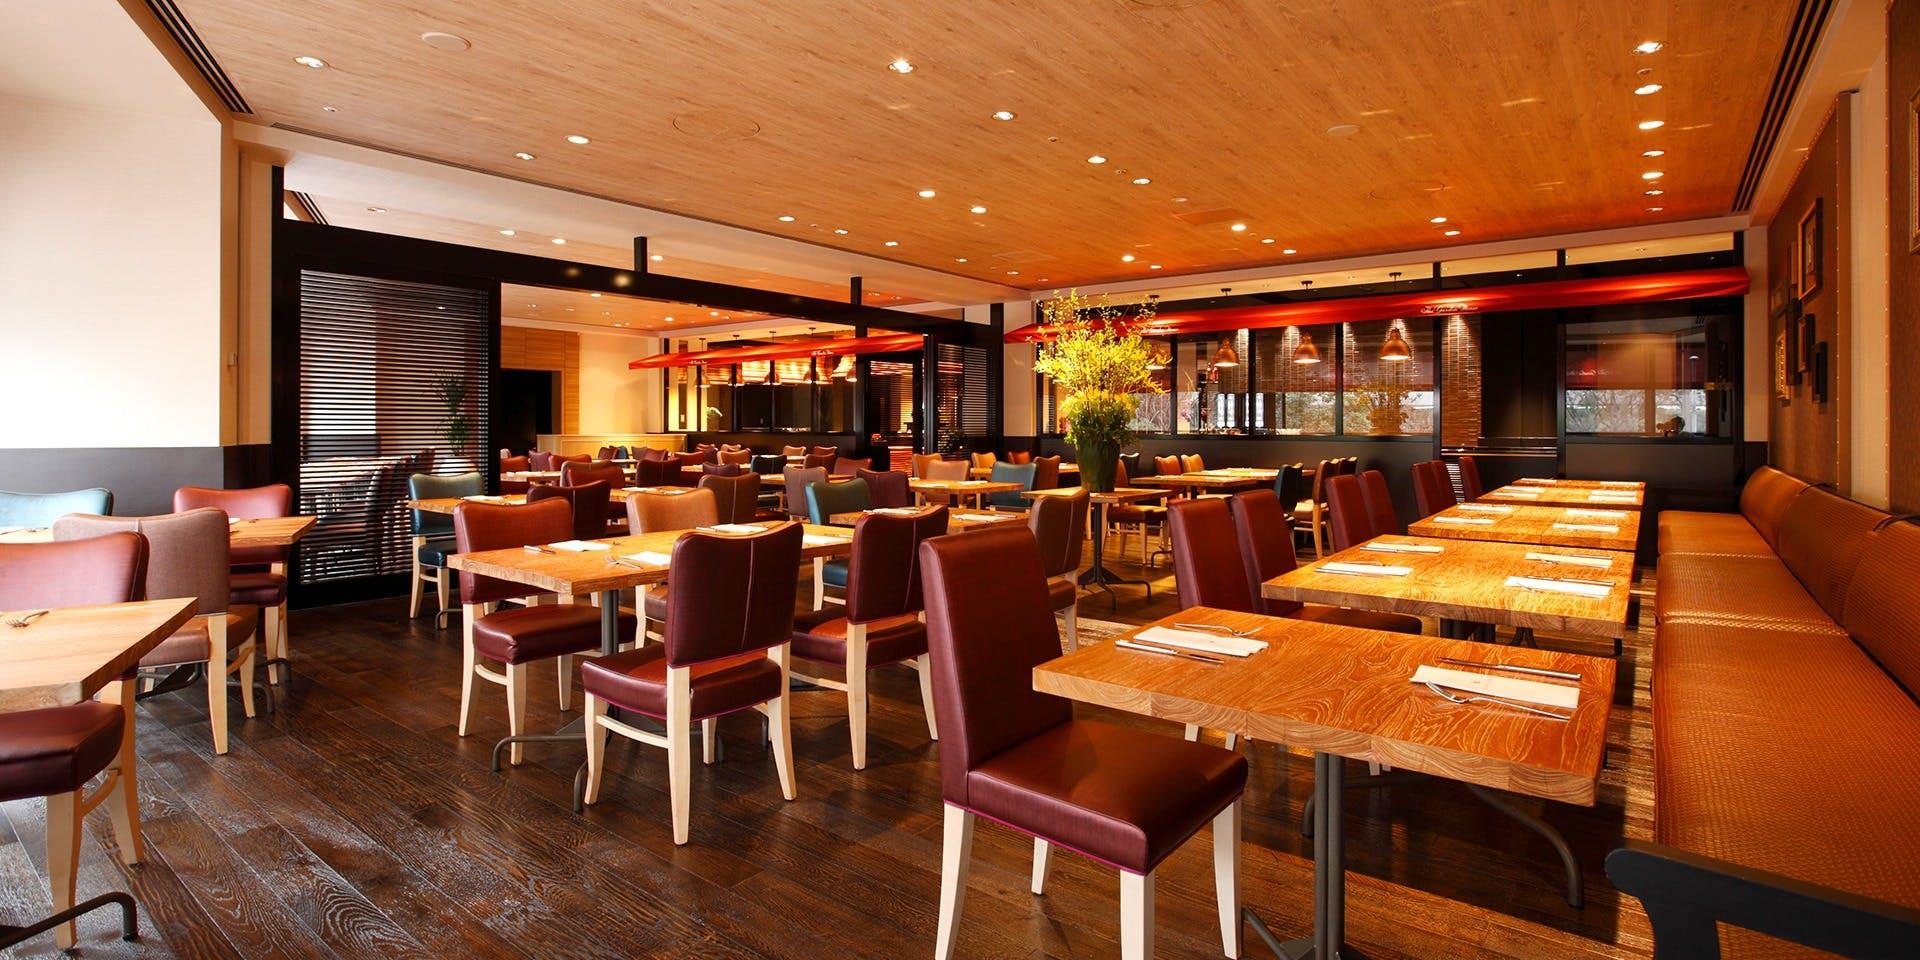 記念日におすすめのレストラン・ザ・ガーデンハウス/ホテル日航金沢の写真2